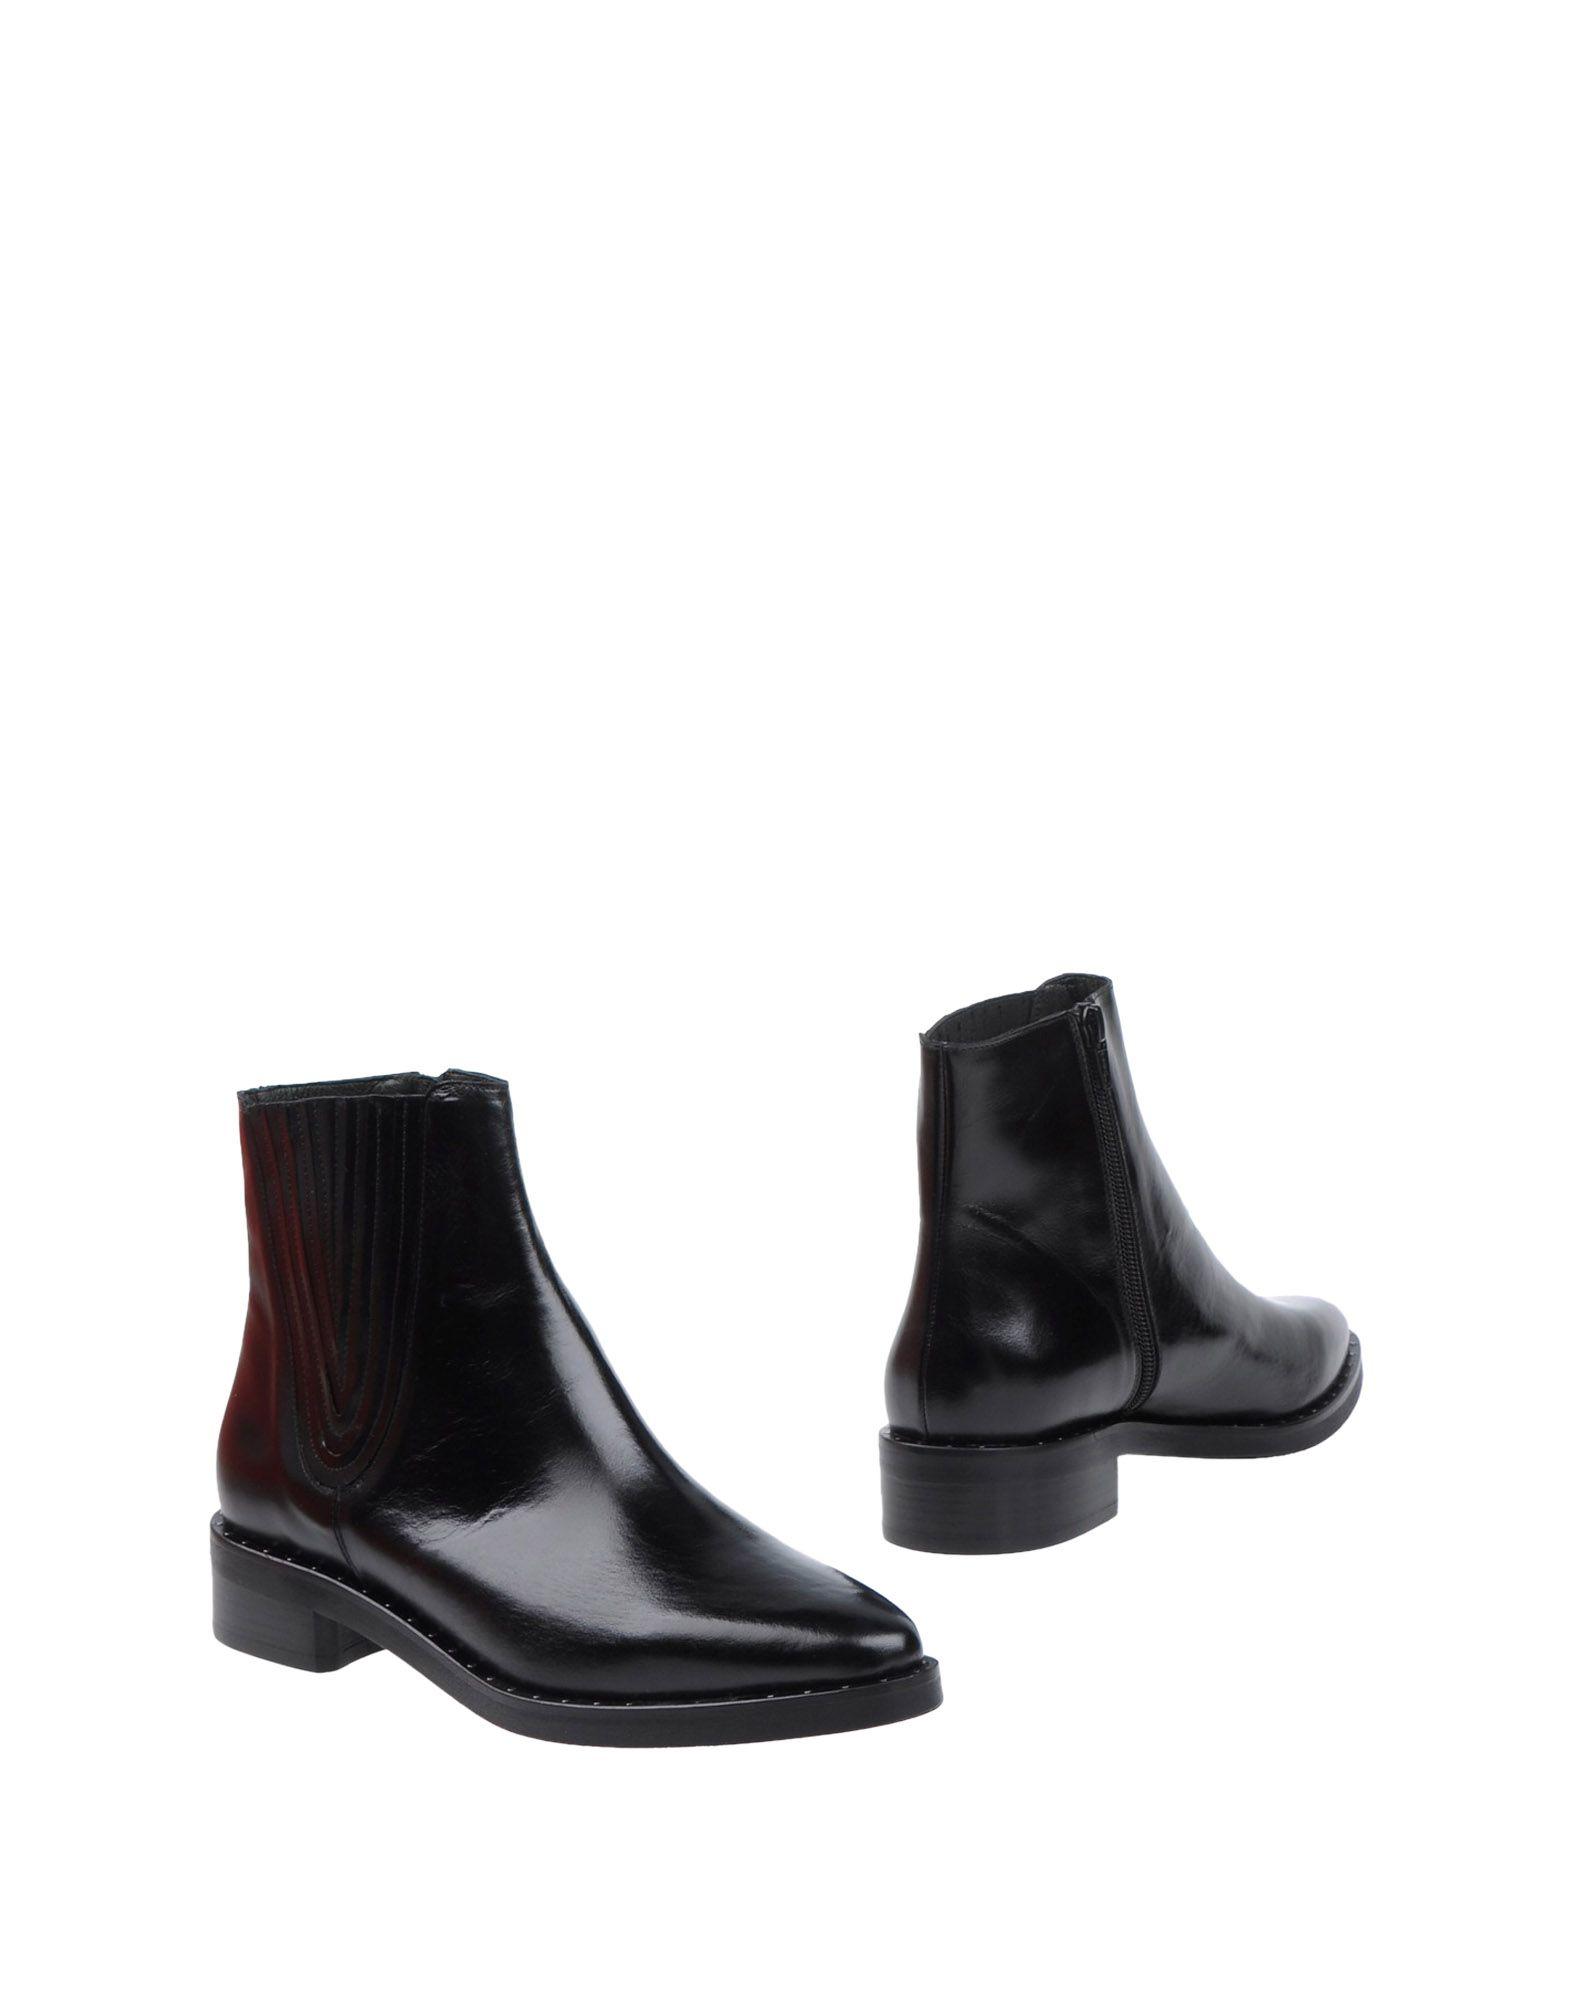 Zinda Stiefelette Damen  11324830MRGut aussehende strapazierfähige Schuhe